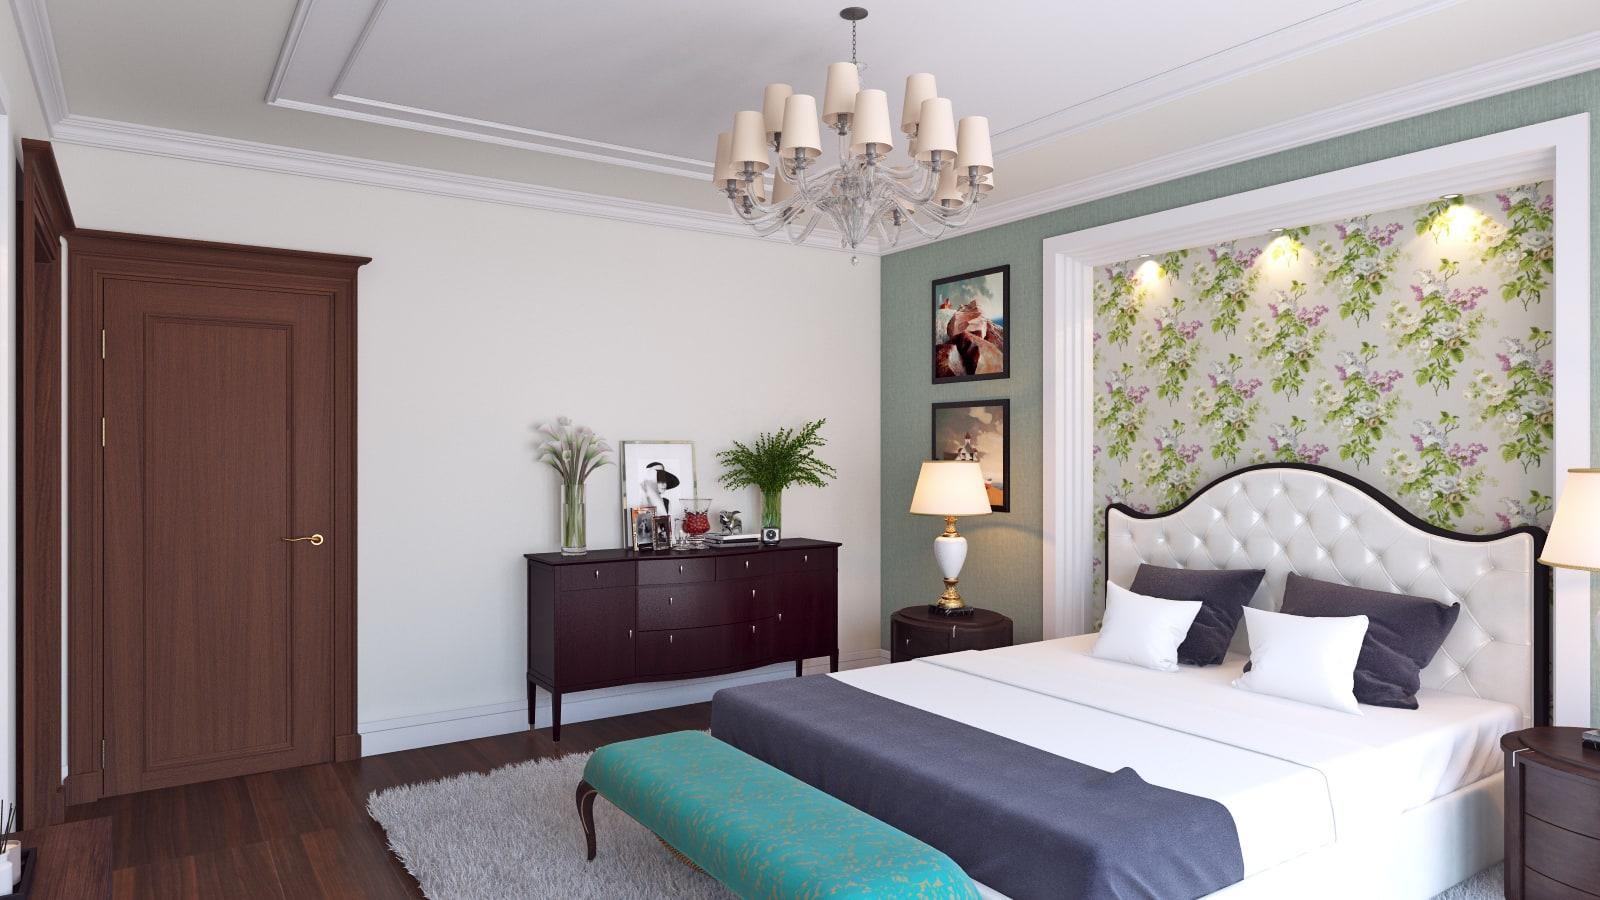 Sypialnia W Stylu Angielskim Trendy Projekty Wnętrz